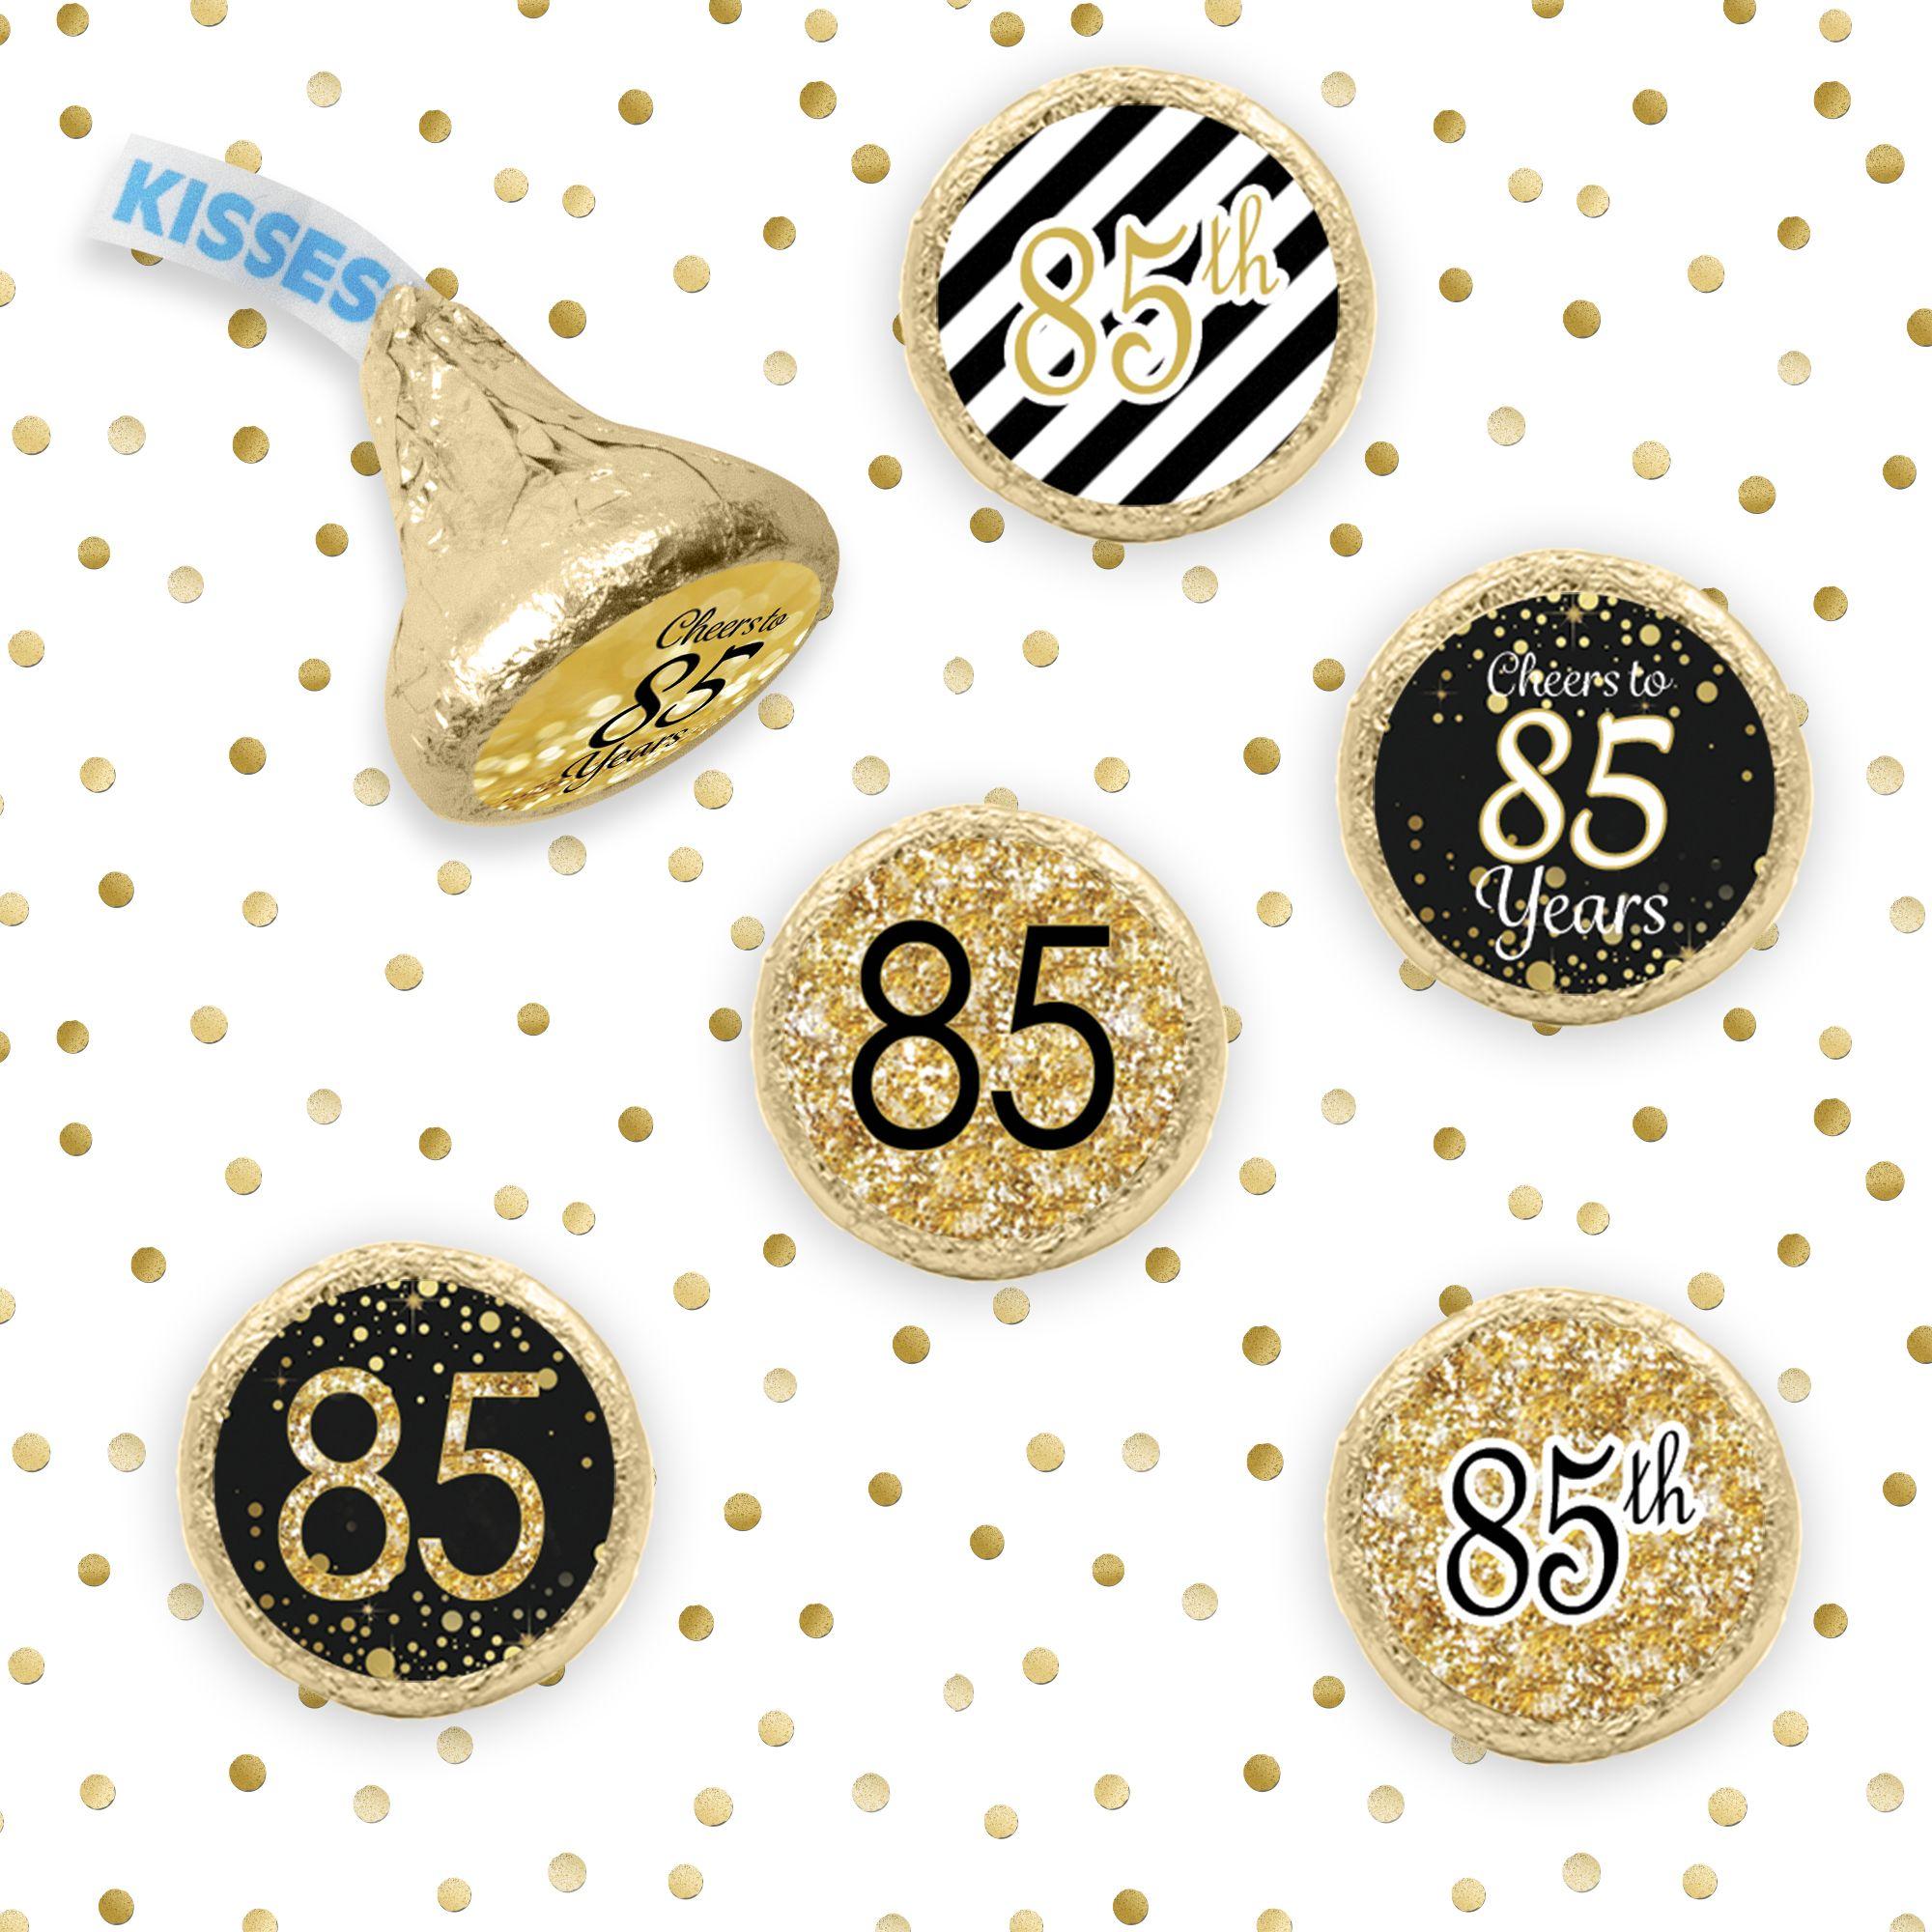 Fun Happy 85th Birthday Party Favor Idea